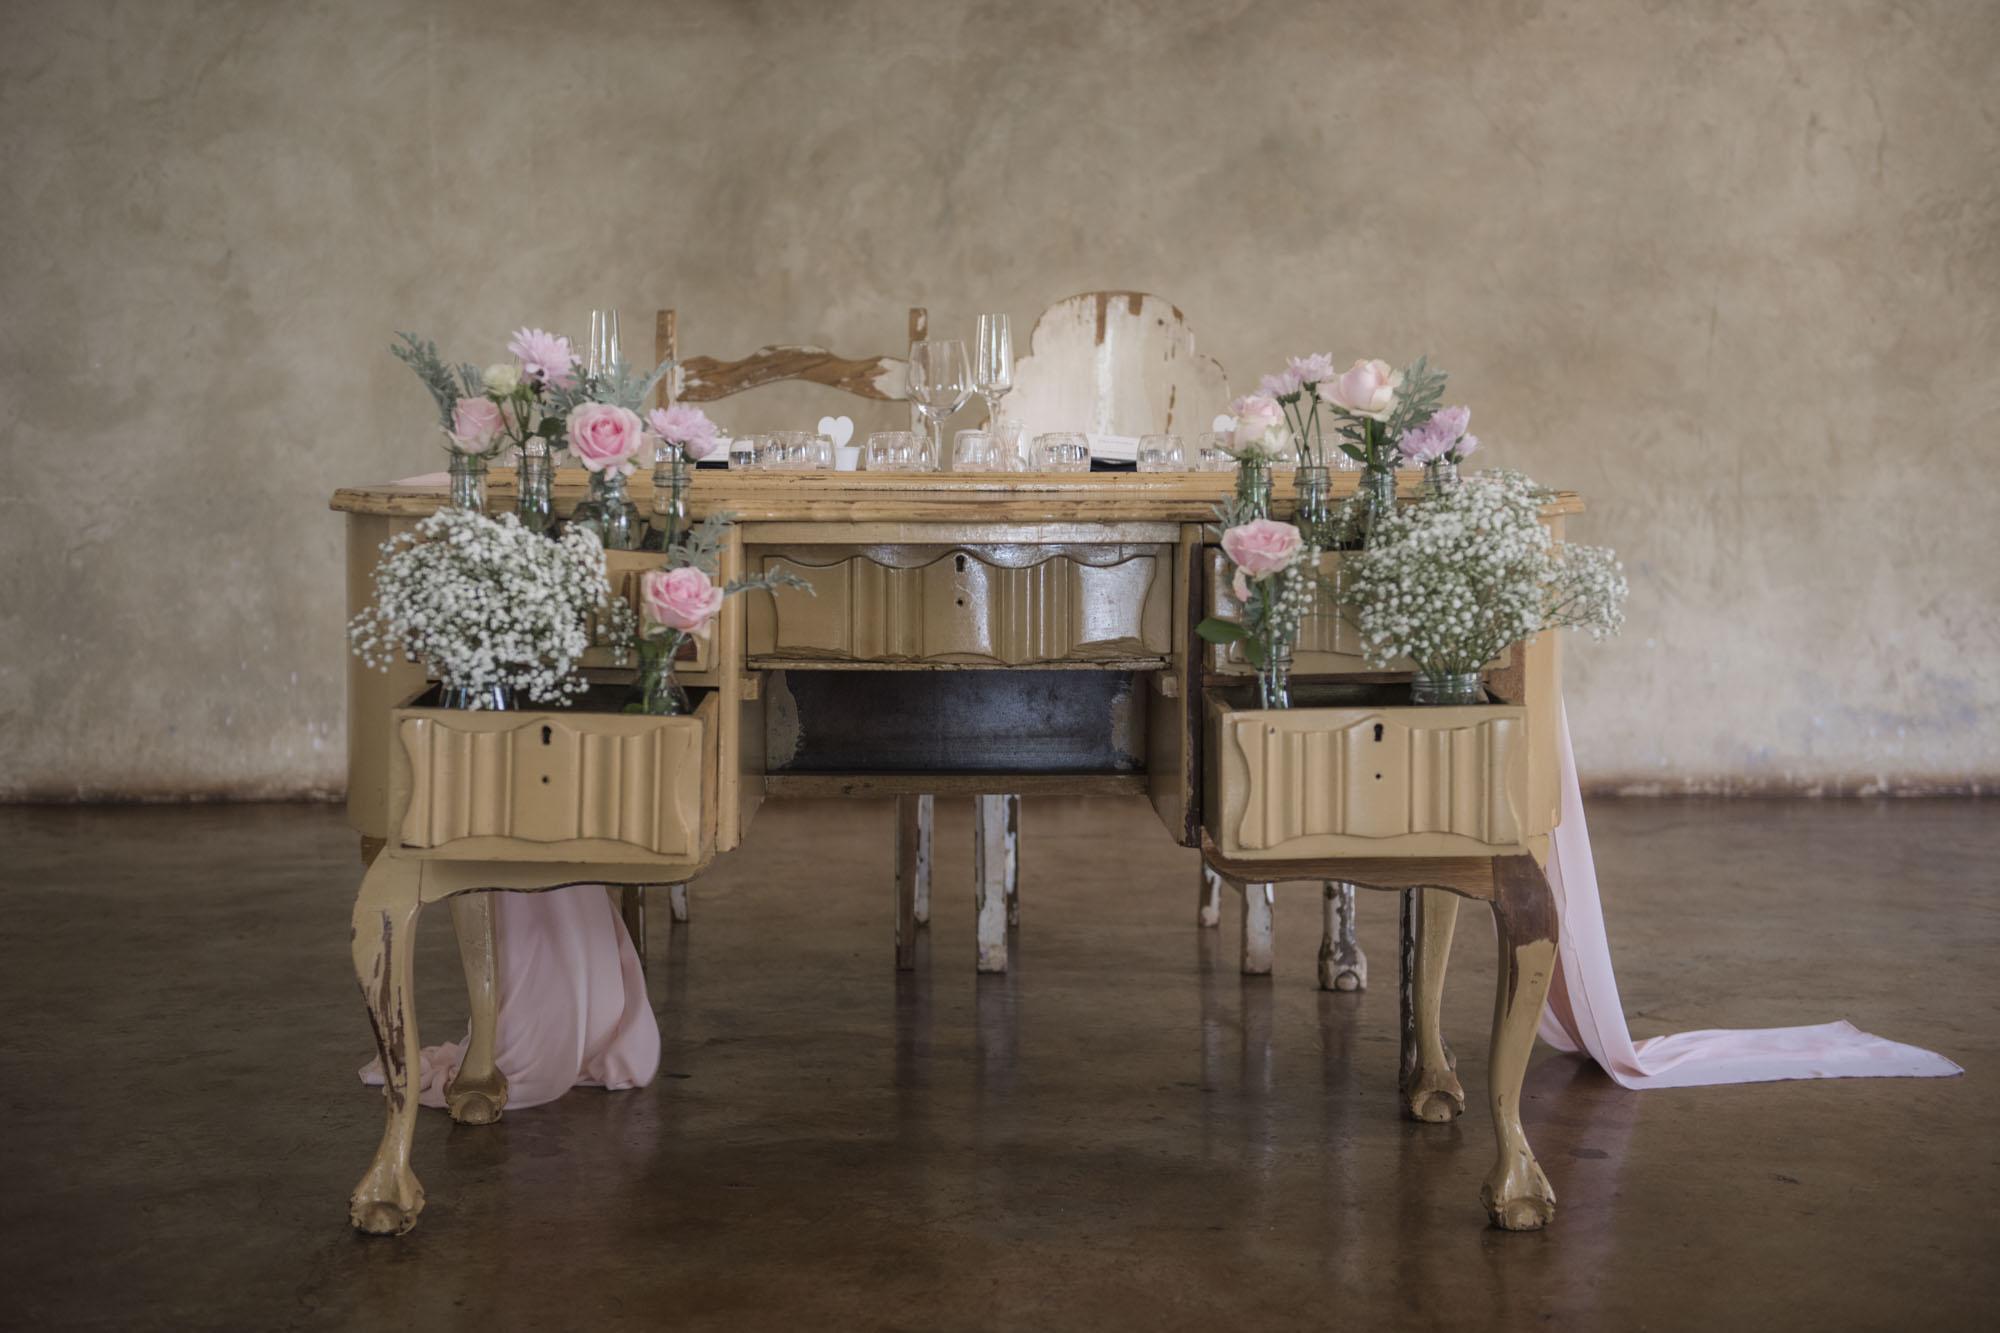 001aaaaa-johannesburg-wedding-photographer001aaaaa-johannesburg-wedding-photographer_a.jpg